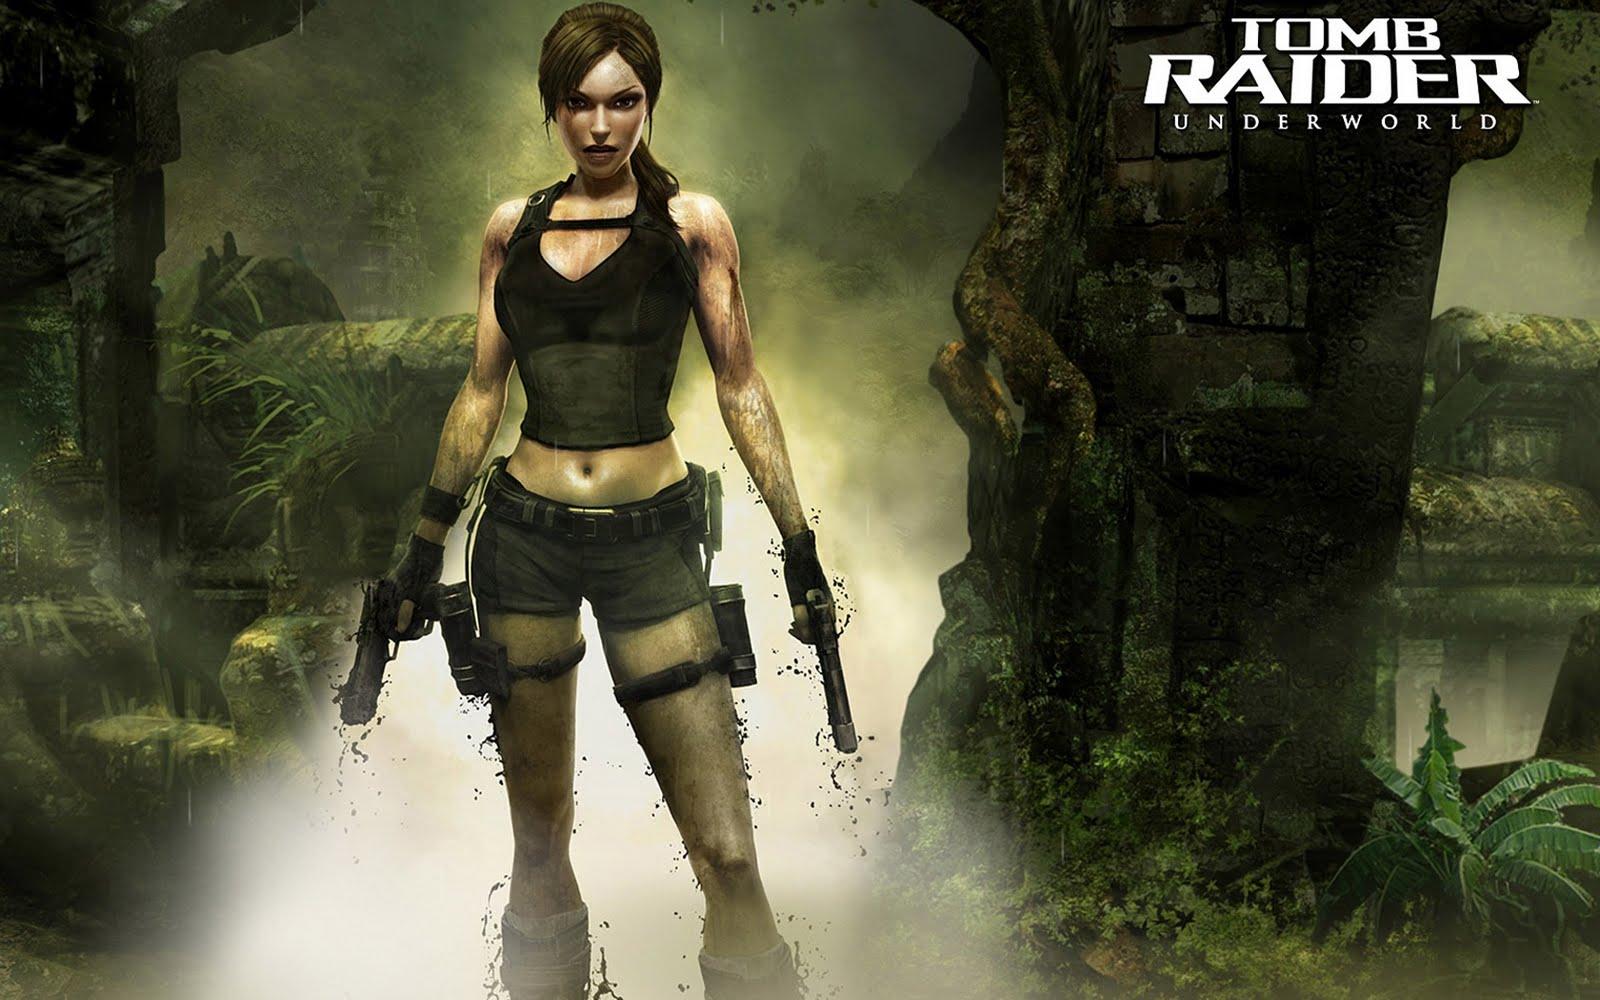 http://4.bp.blogspot.com/_KLJU3hHDGVM/SwctmAvuySI/AAAAAAAAA_g/vWiQ7NeCacQ/s1600/Games+wallpaper+%285%29.jpg